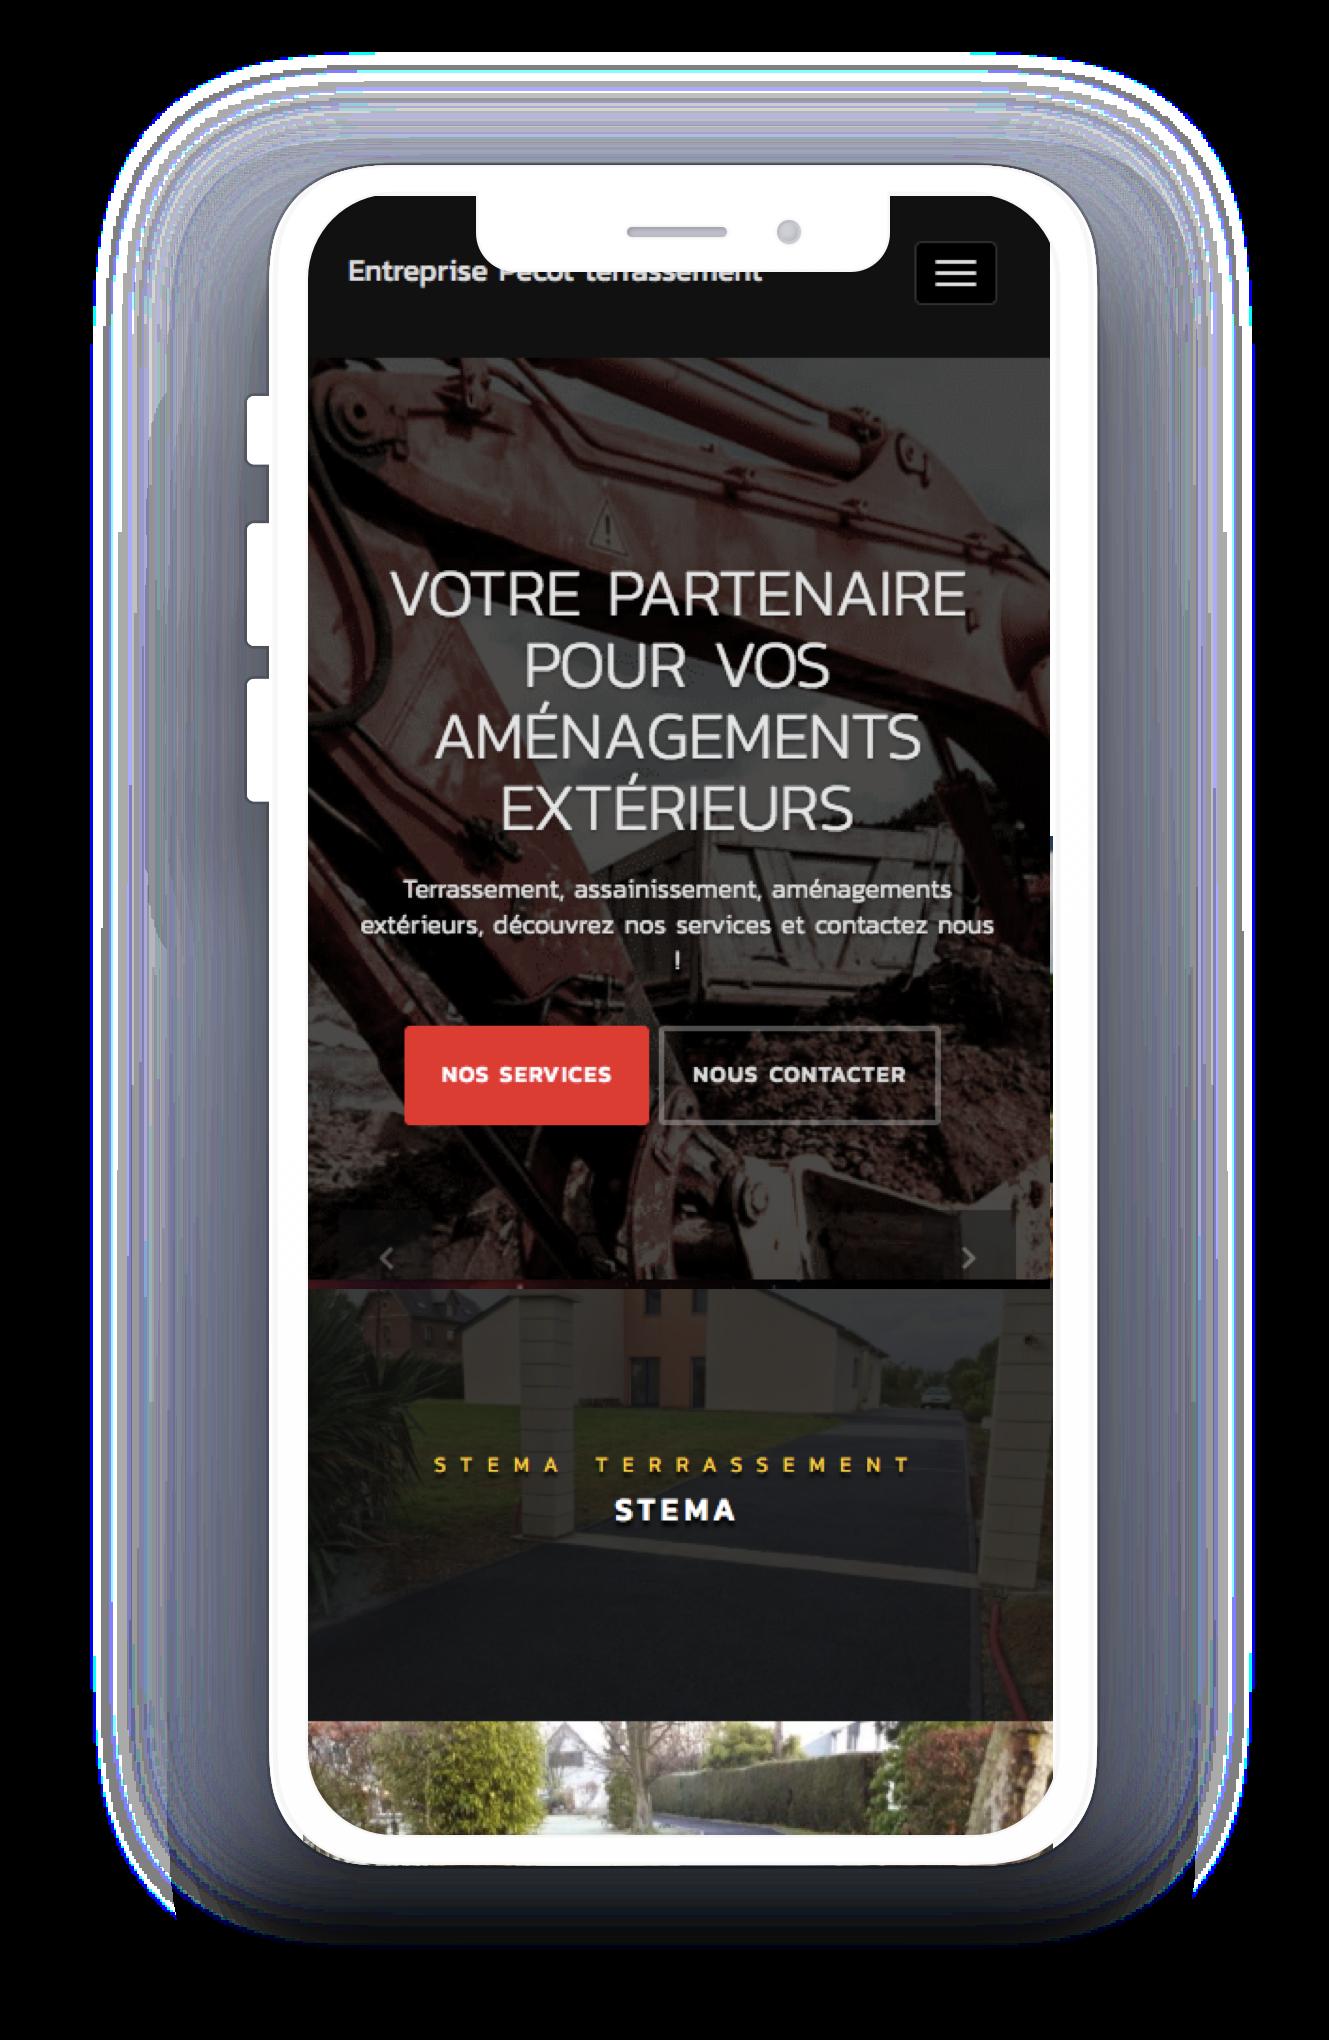 Spationaute agence web bordeaux , création de formation wordpress bordeaux